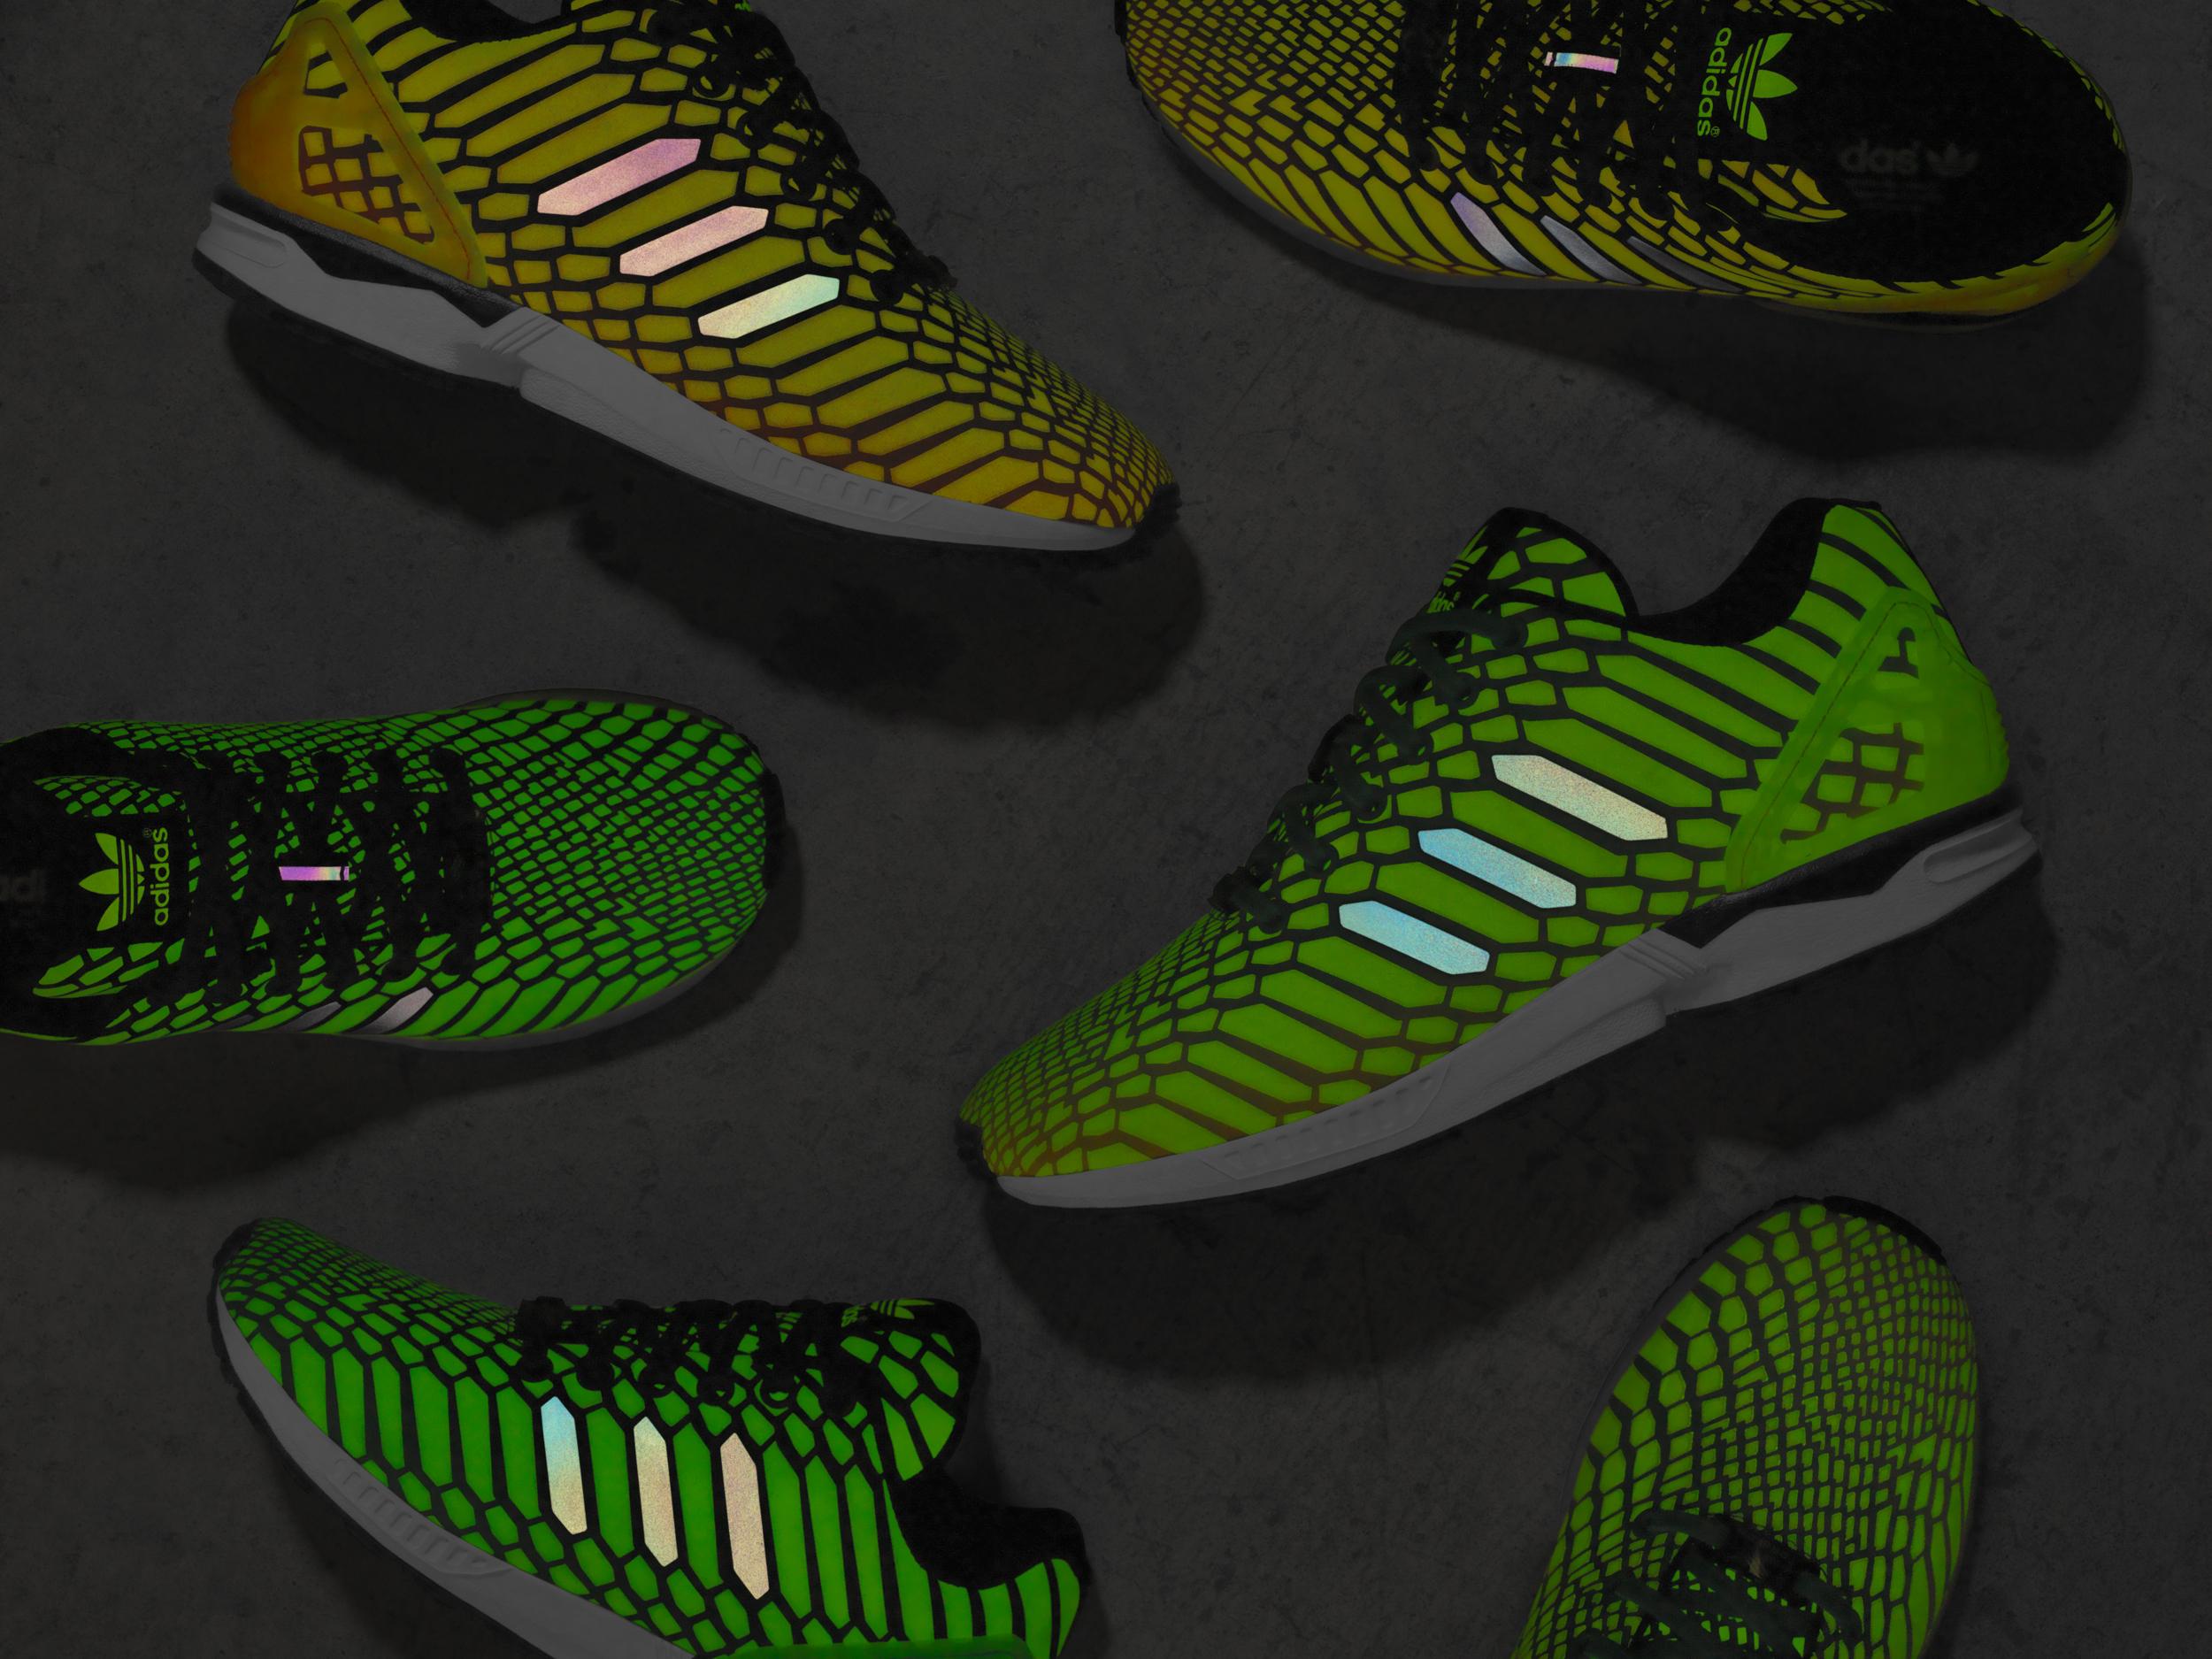 adidas_Xeno_Borealis_Family_PR_Glow.jpg